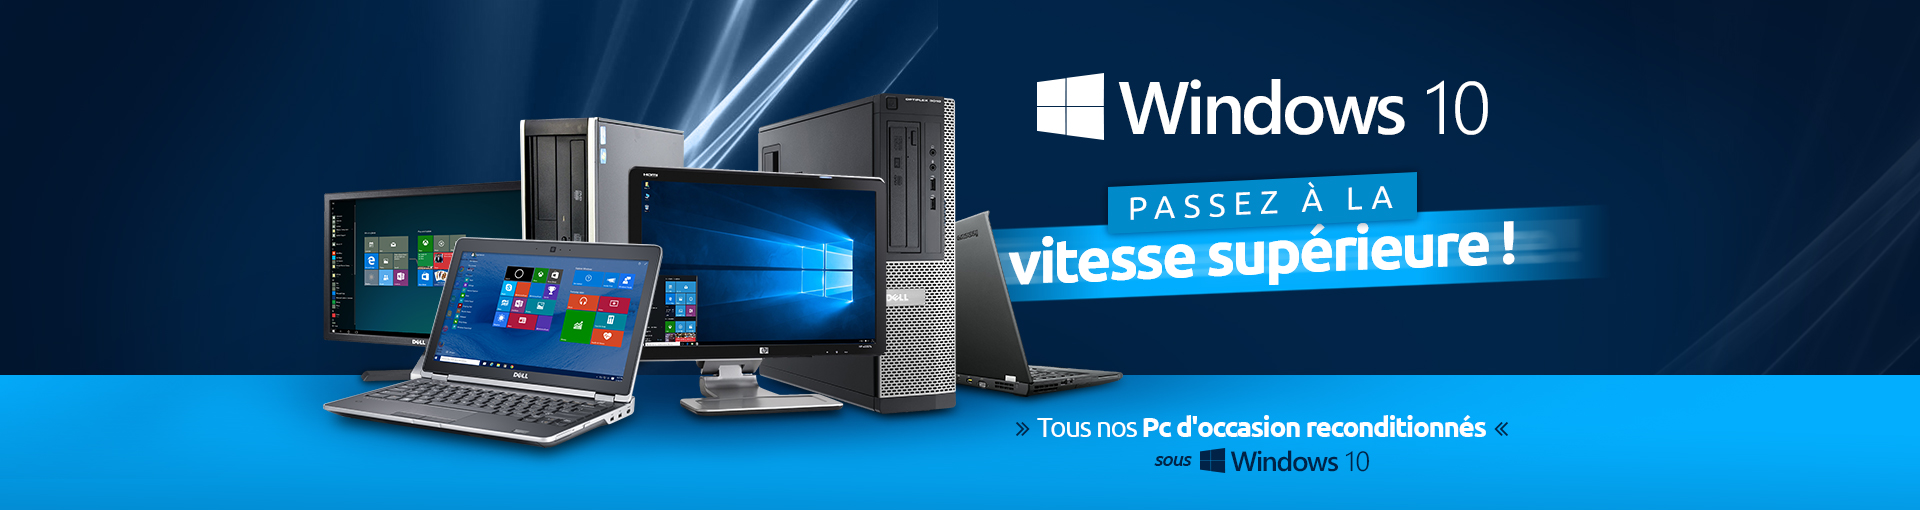 Slider-Windows10